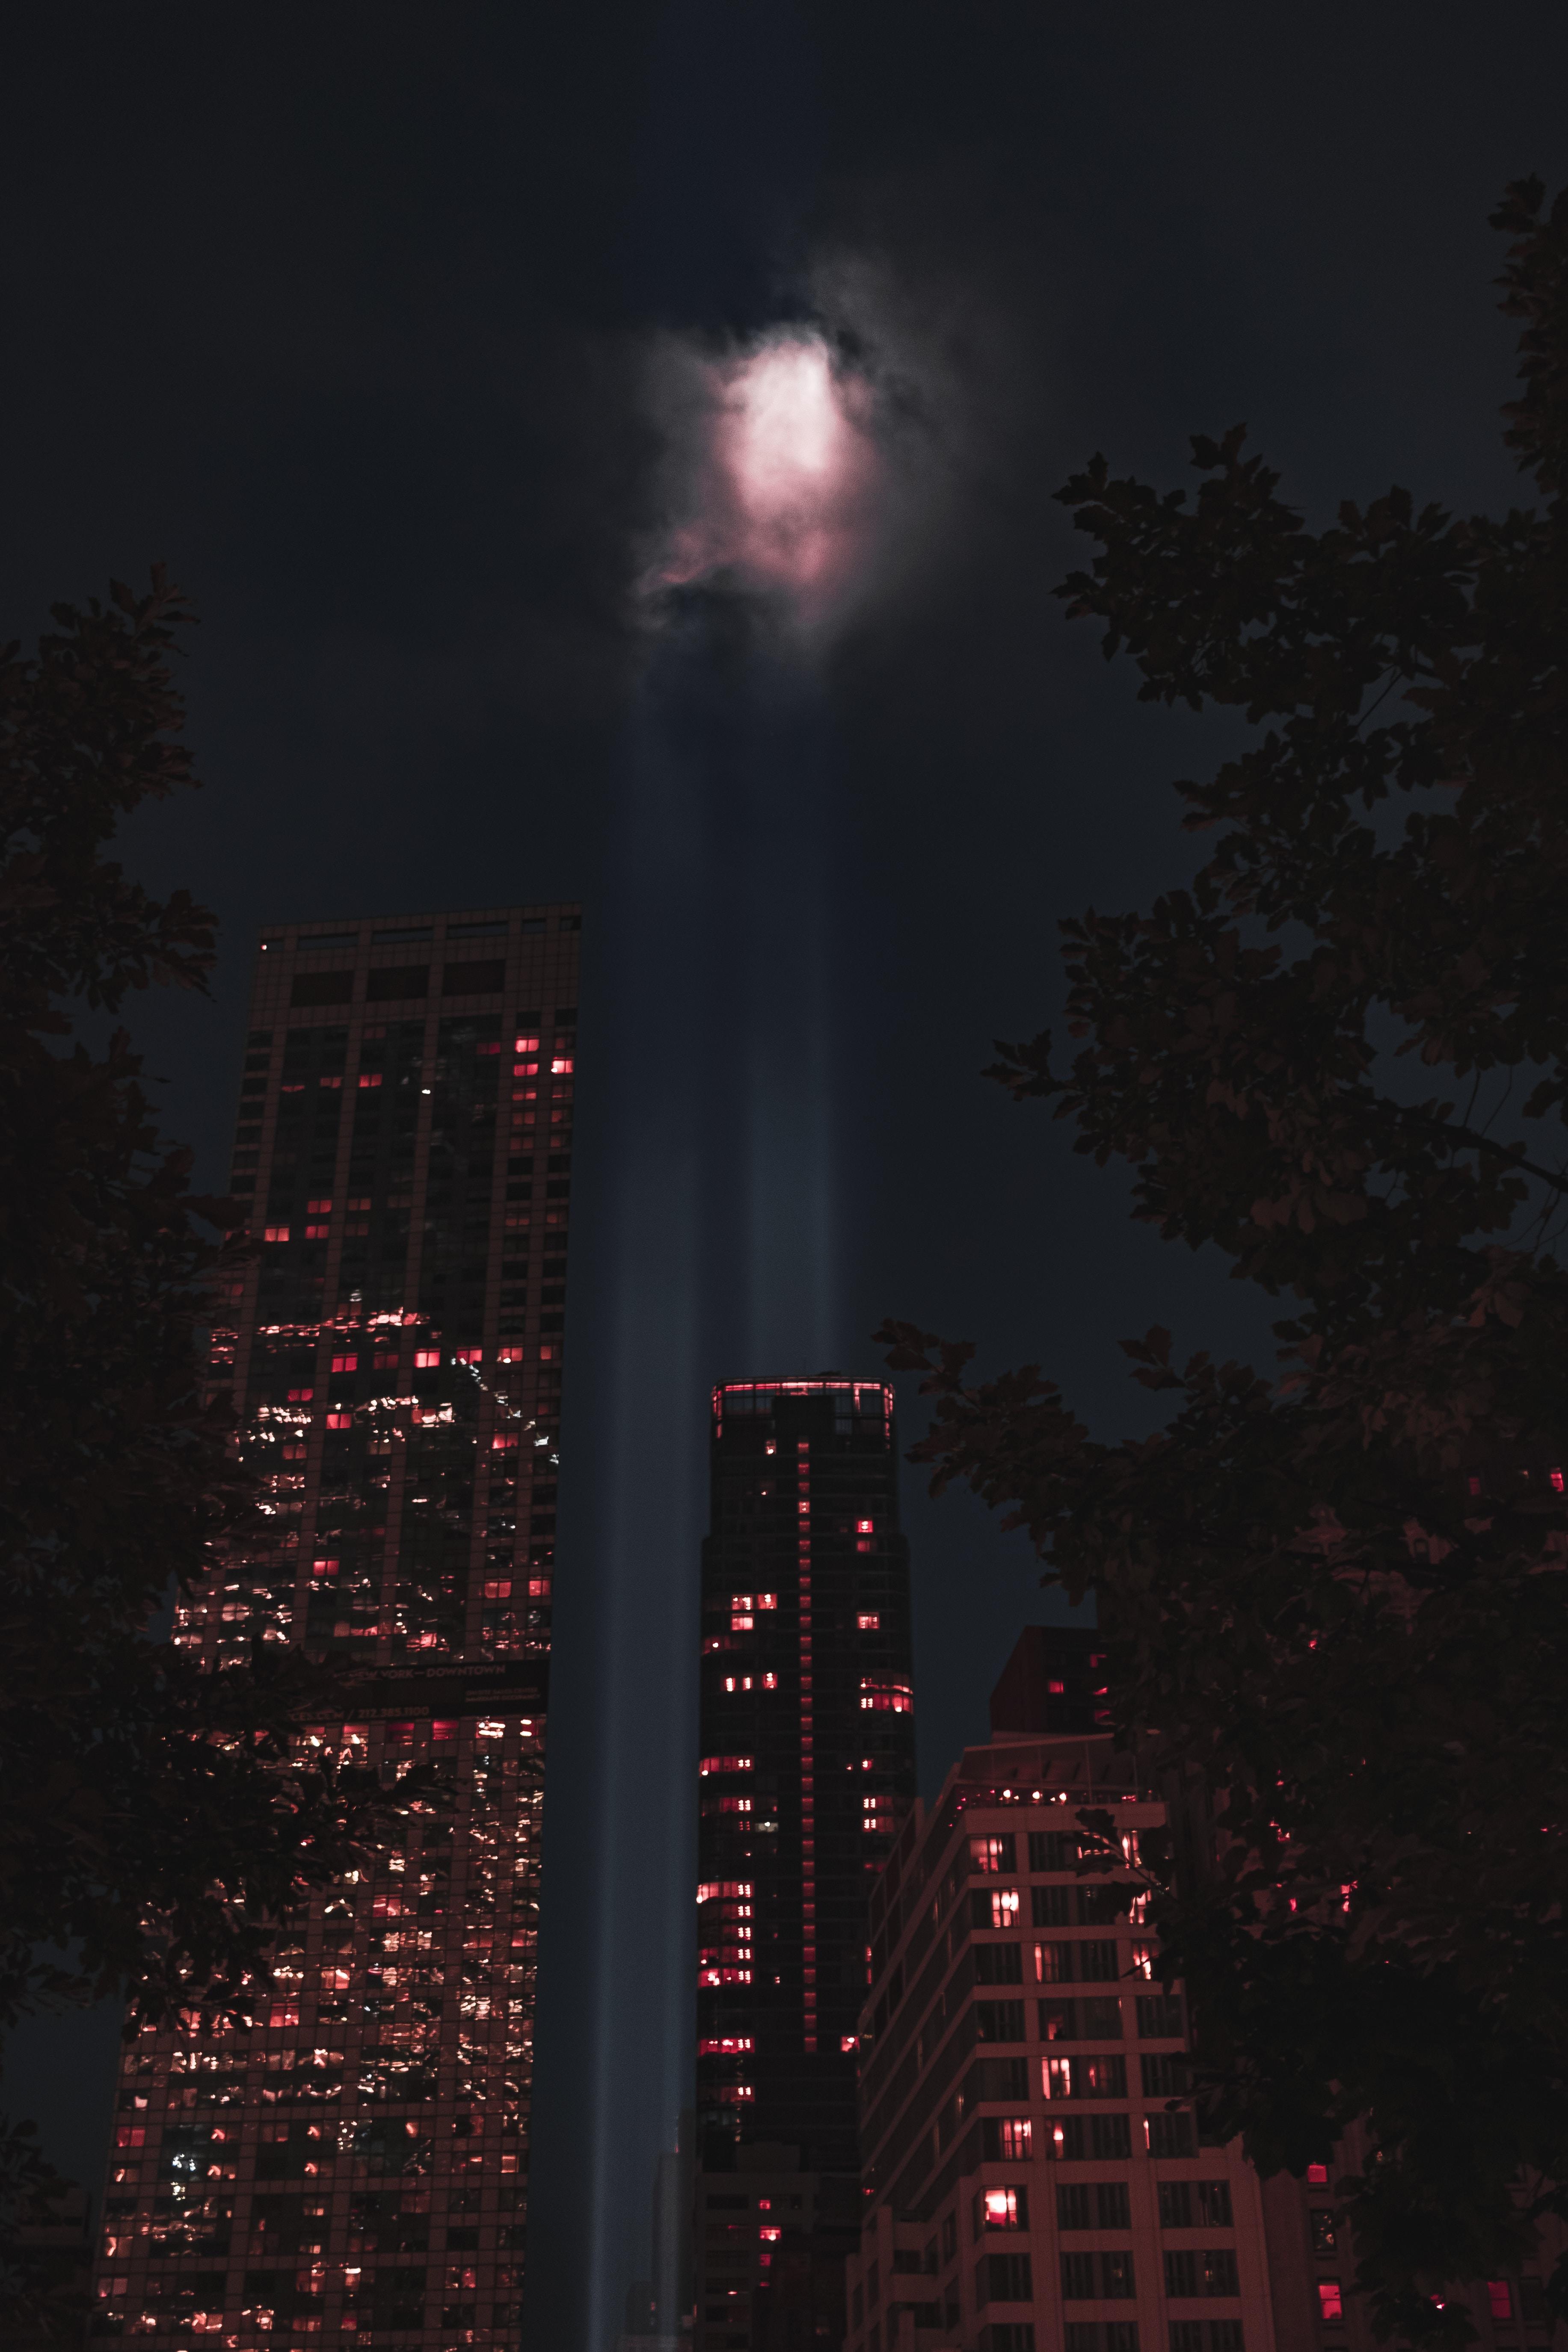 131088壁紙のダウンロード闇, 暗い, 建物, ナイト, ビーム, 光線, 輝く, 光, 市, 都市-スクリーンセーバーと写真を無料で